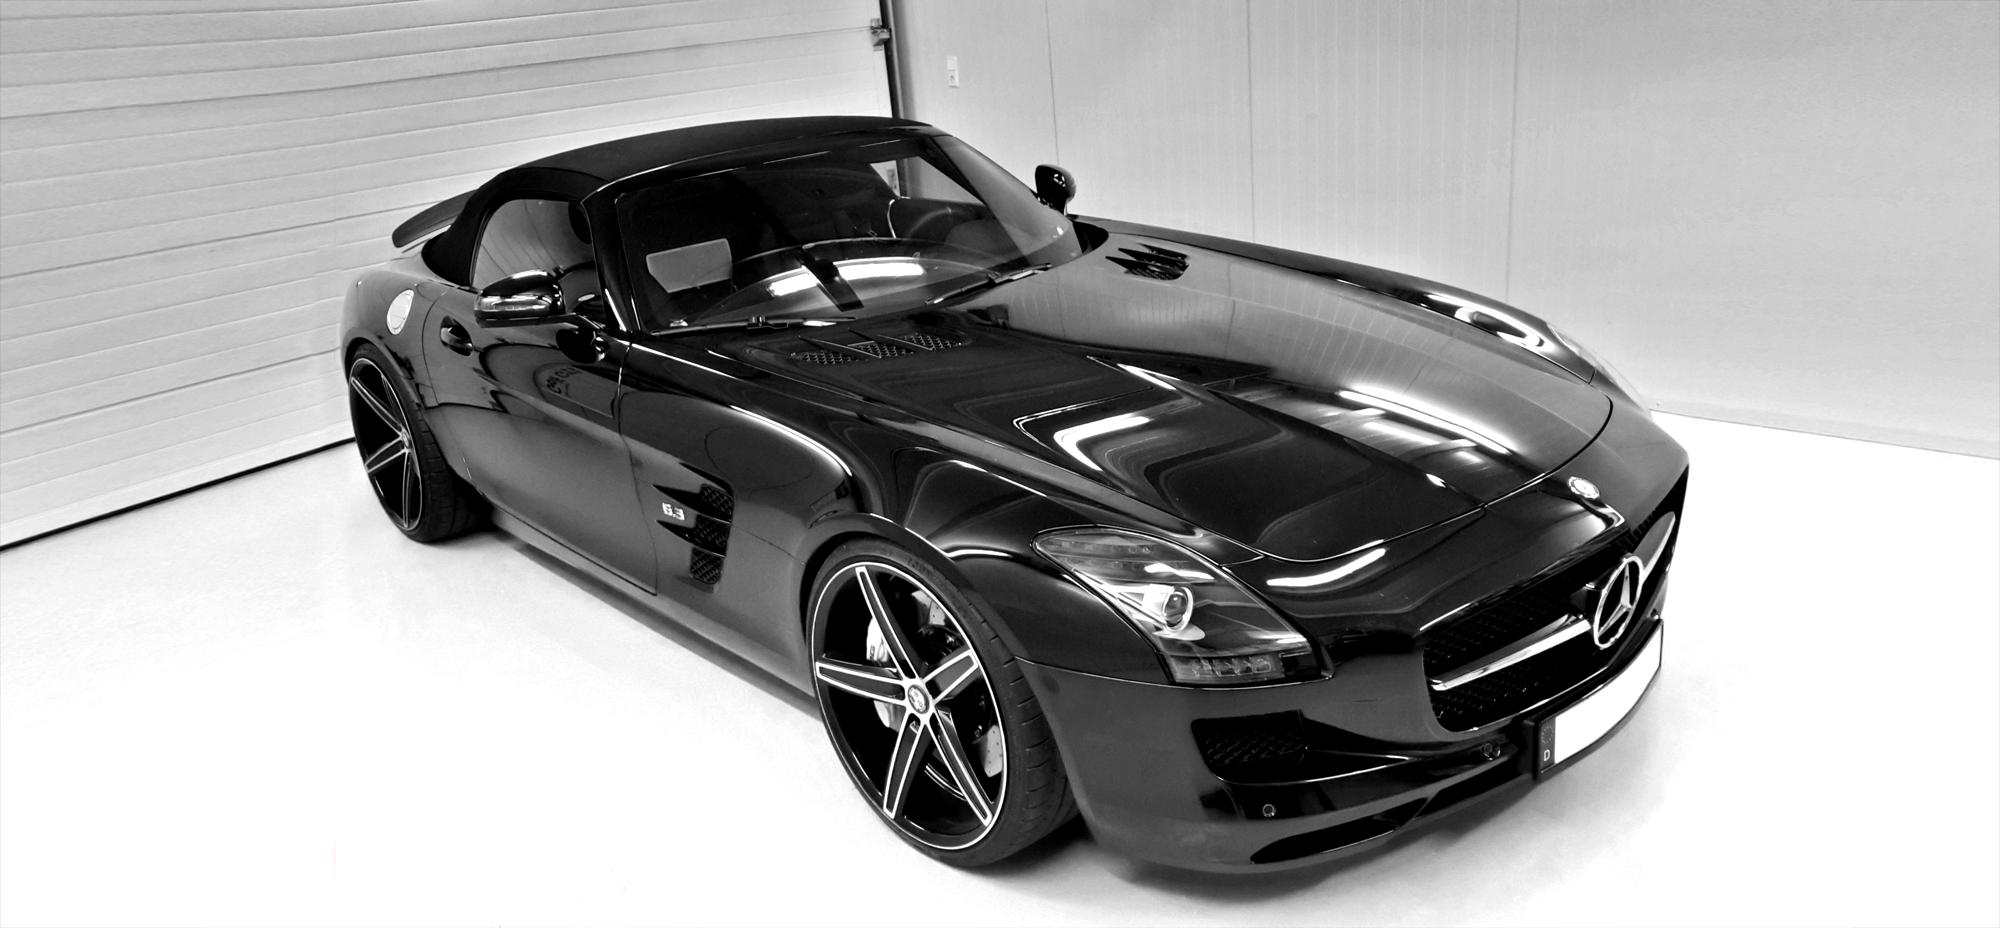 Mercedes SLS AMG Roadstar